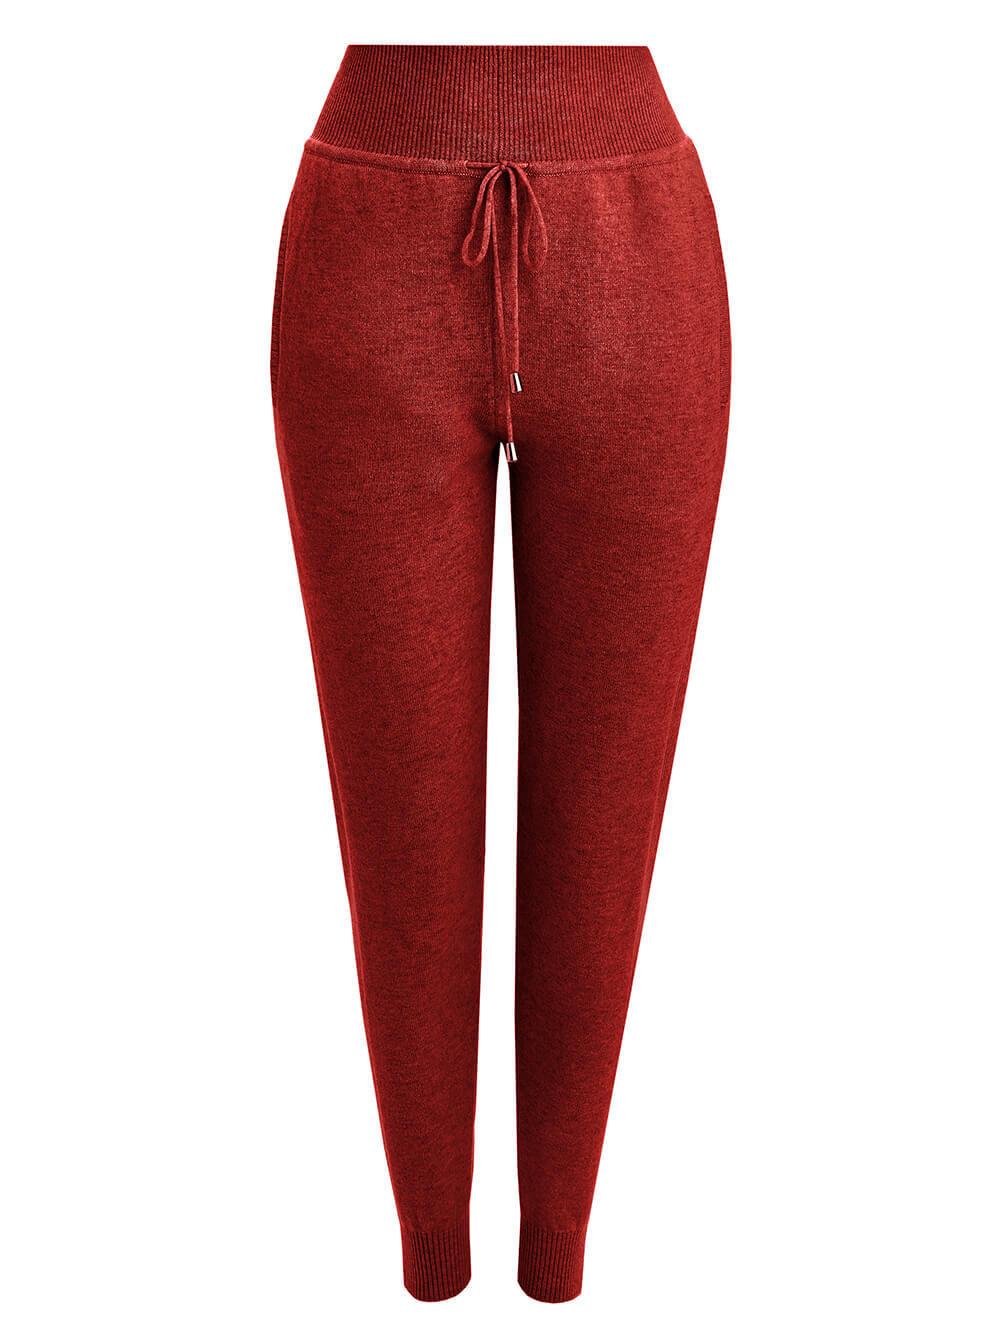 Женские брюки красного цвета из 100% кашемира - фото 1